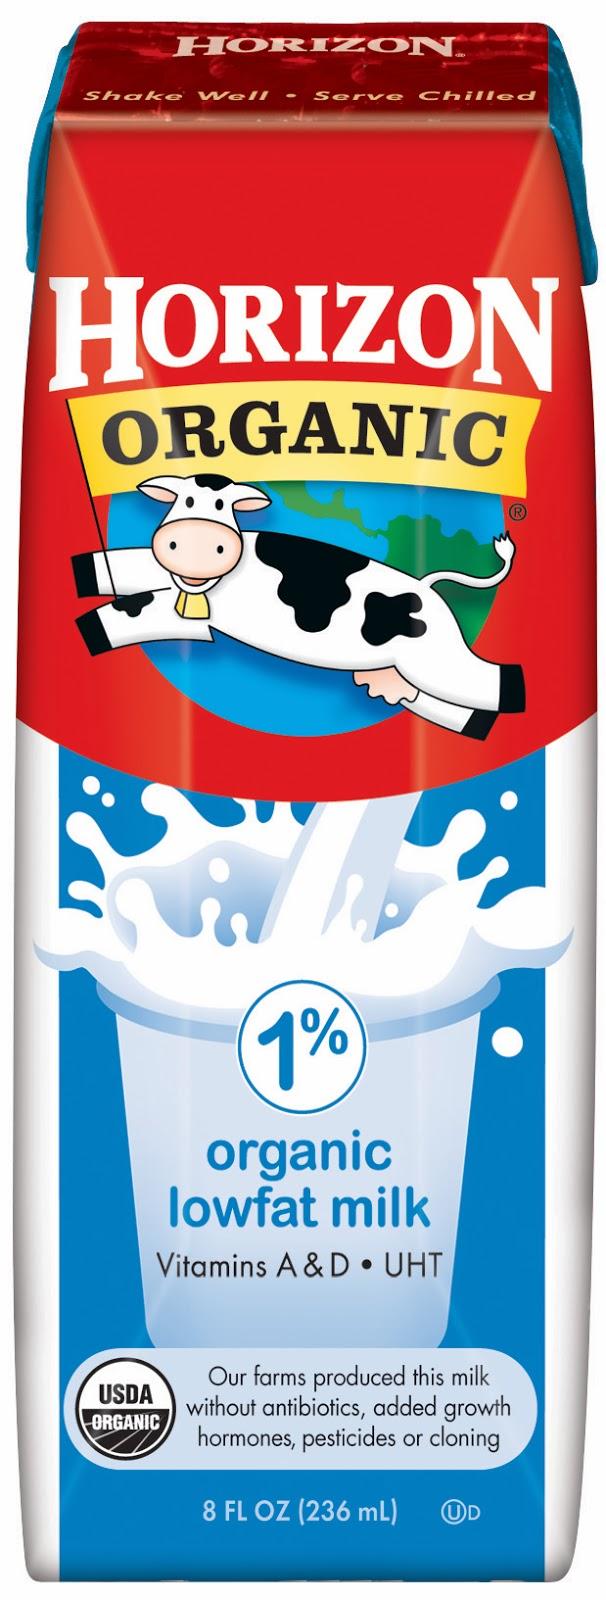 Is Shelf Safe Milk Safe?